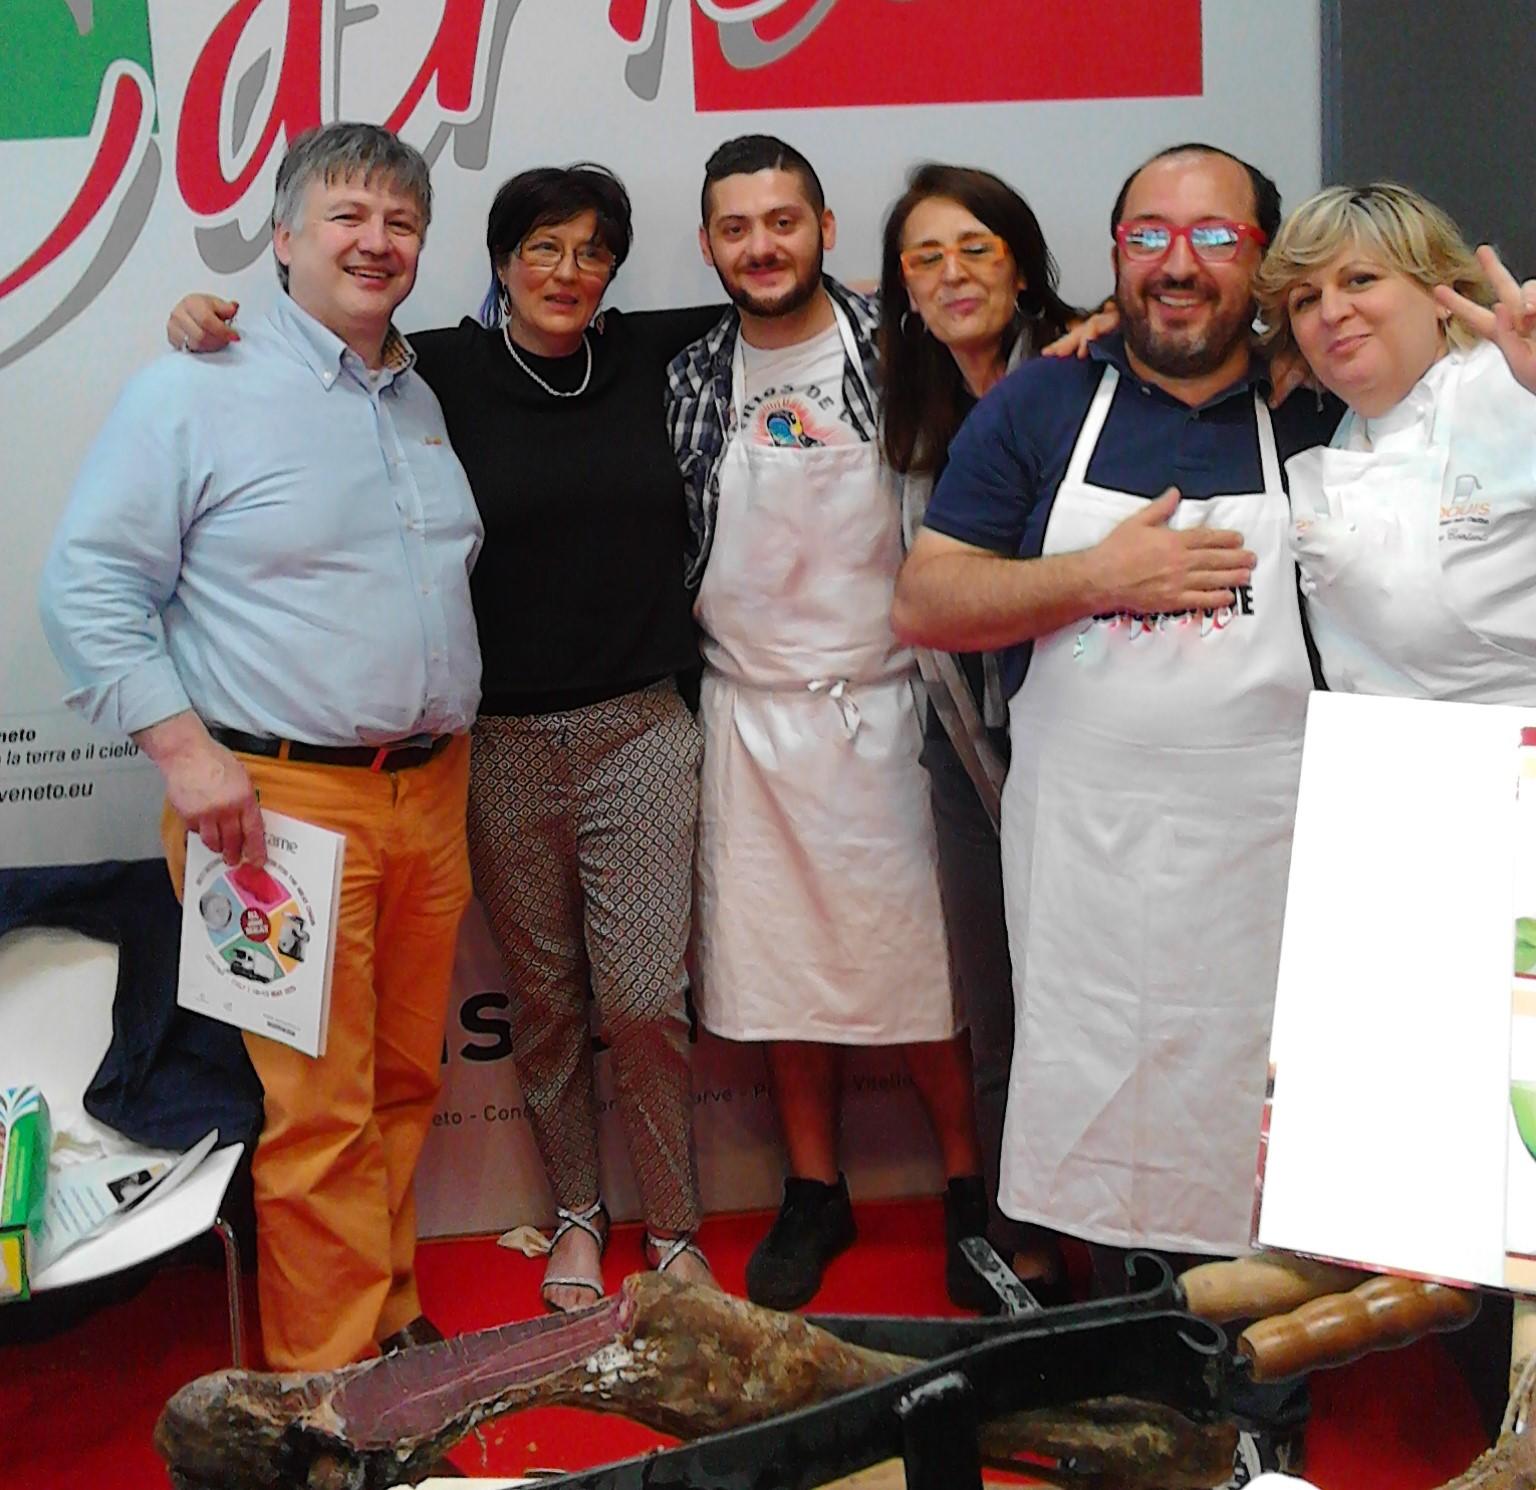 fiera Verona 2015 con cuochi di Master Chef